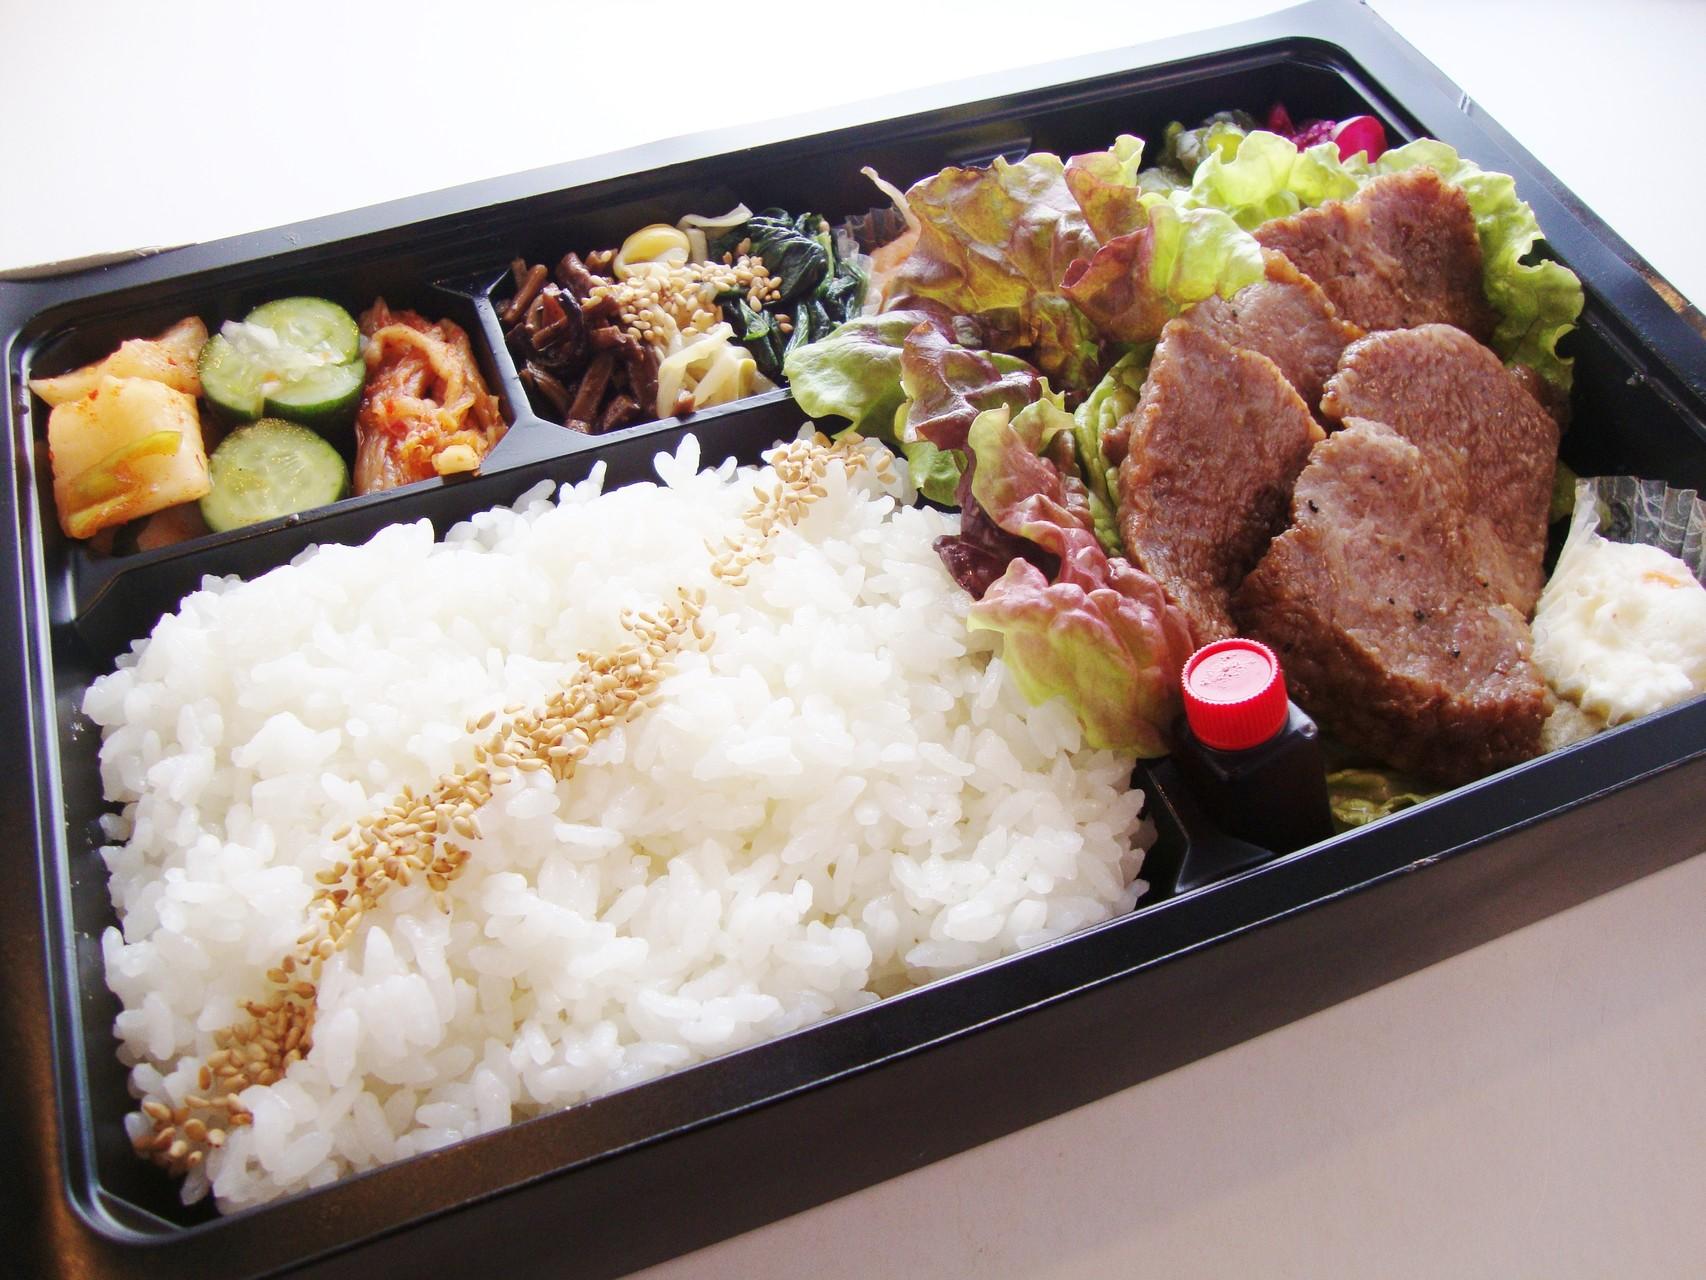 【仙牛】炭火焼肉 極上松坂牛焼肉